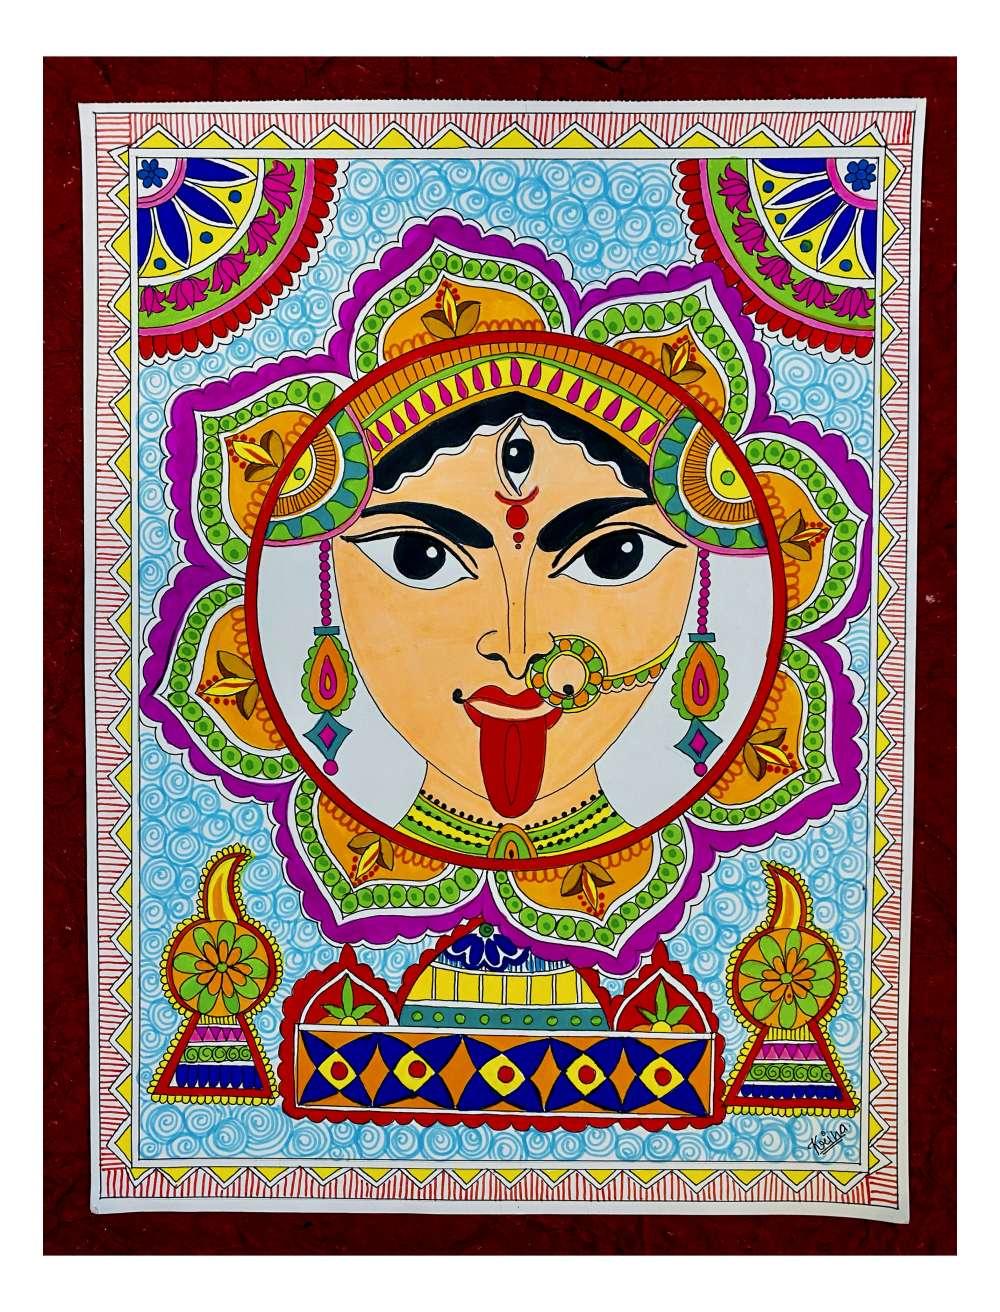 Mataji madhubani art